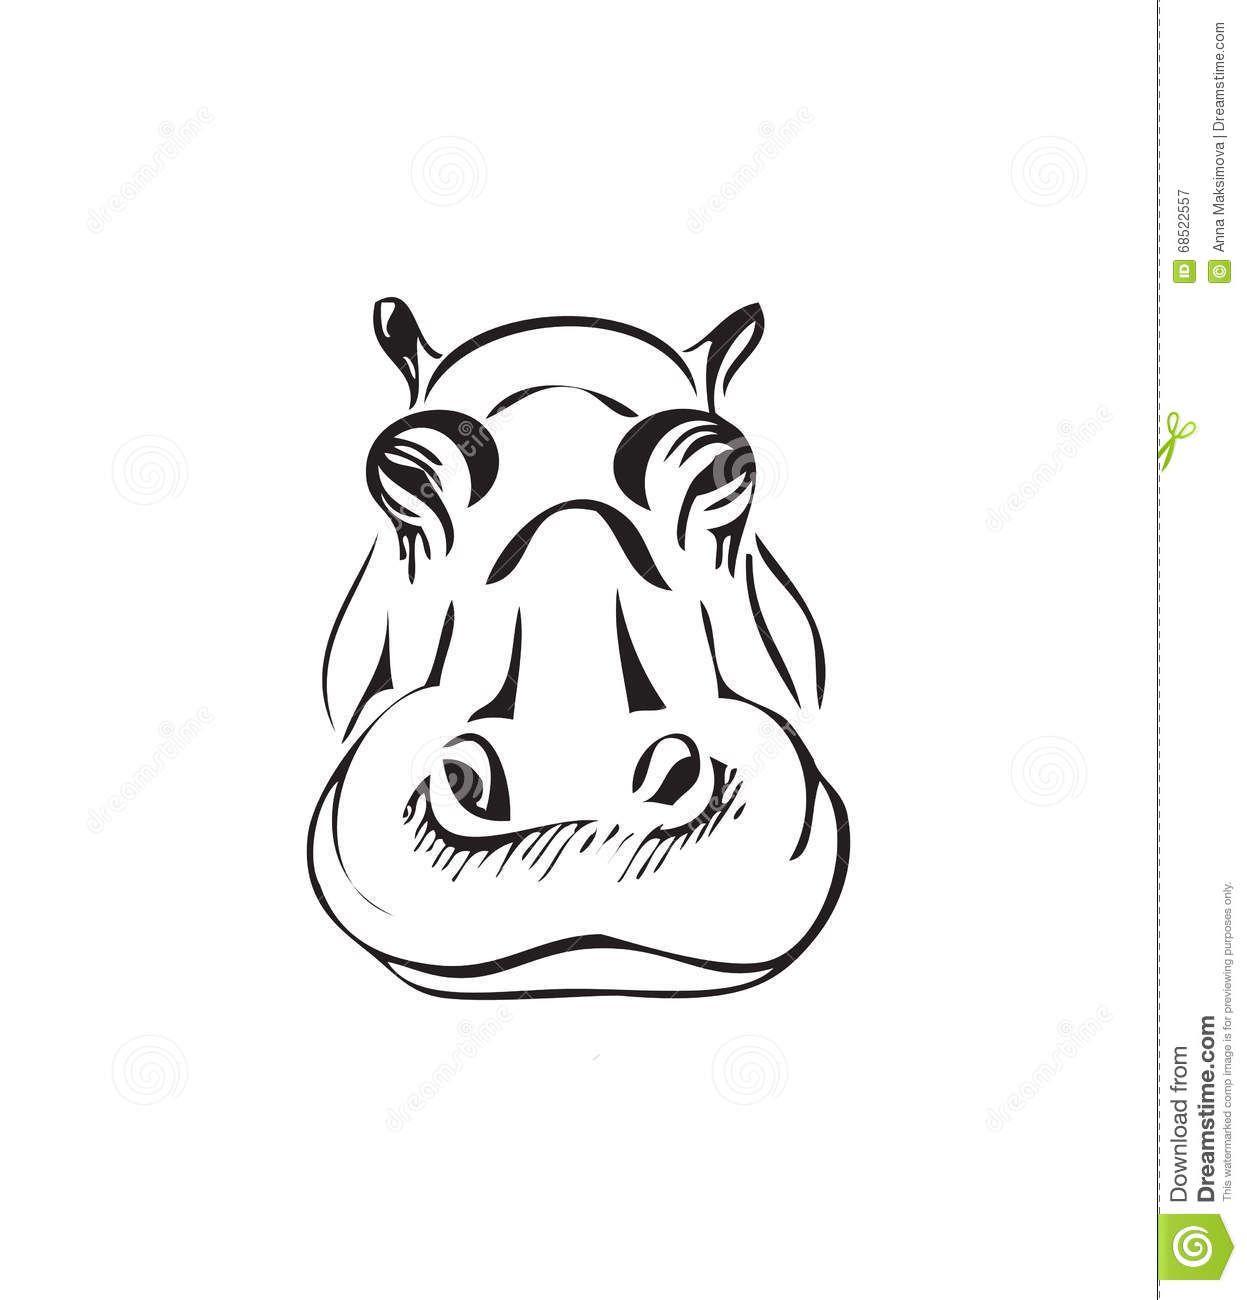 T te d 39 un hippopotame illustration de vecteur image - Dessin d hippopotame ...